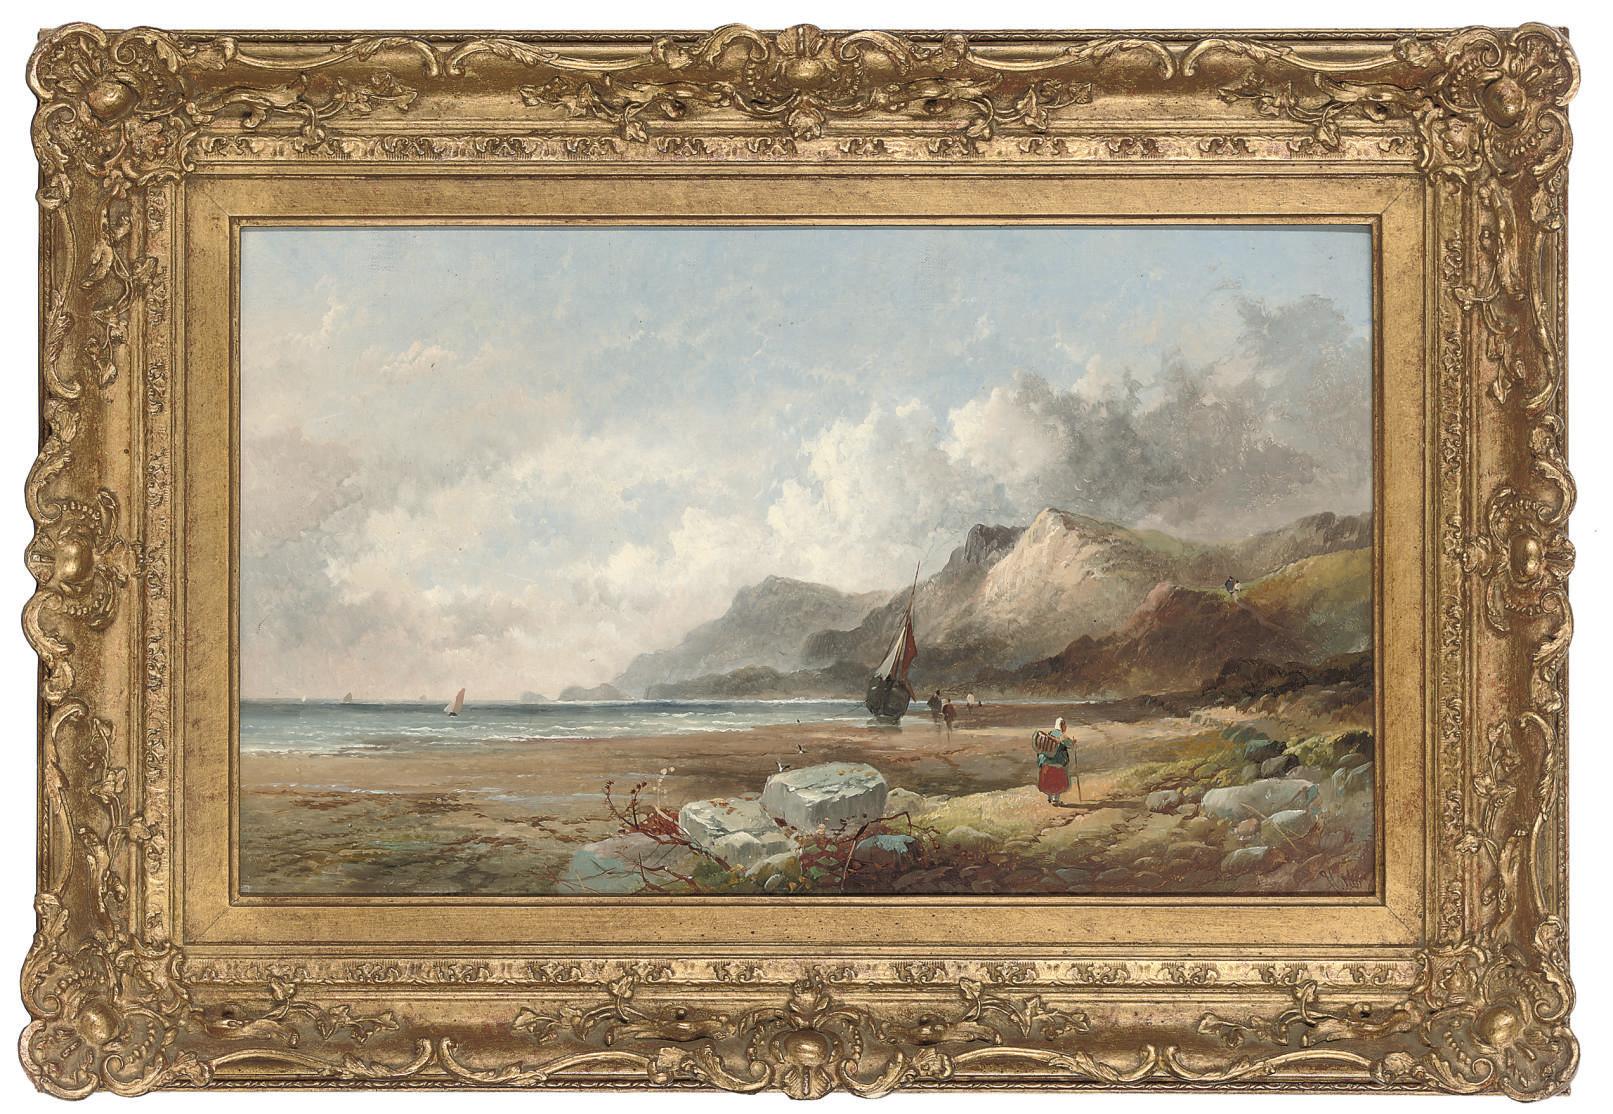 Joseph Horlor (1809-1887)